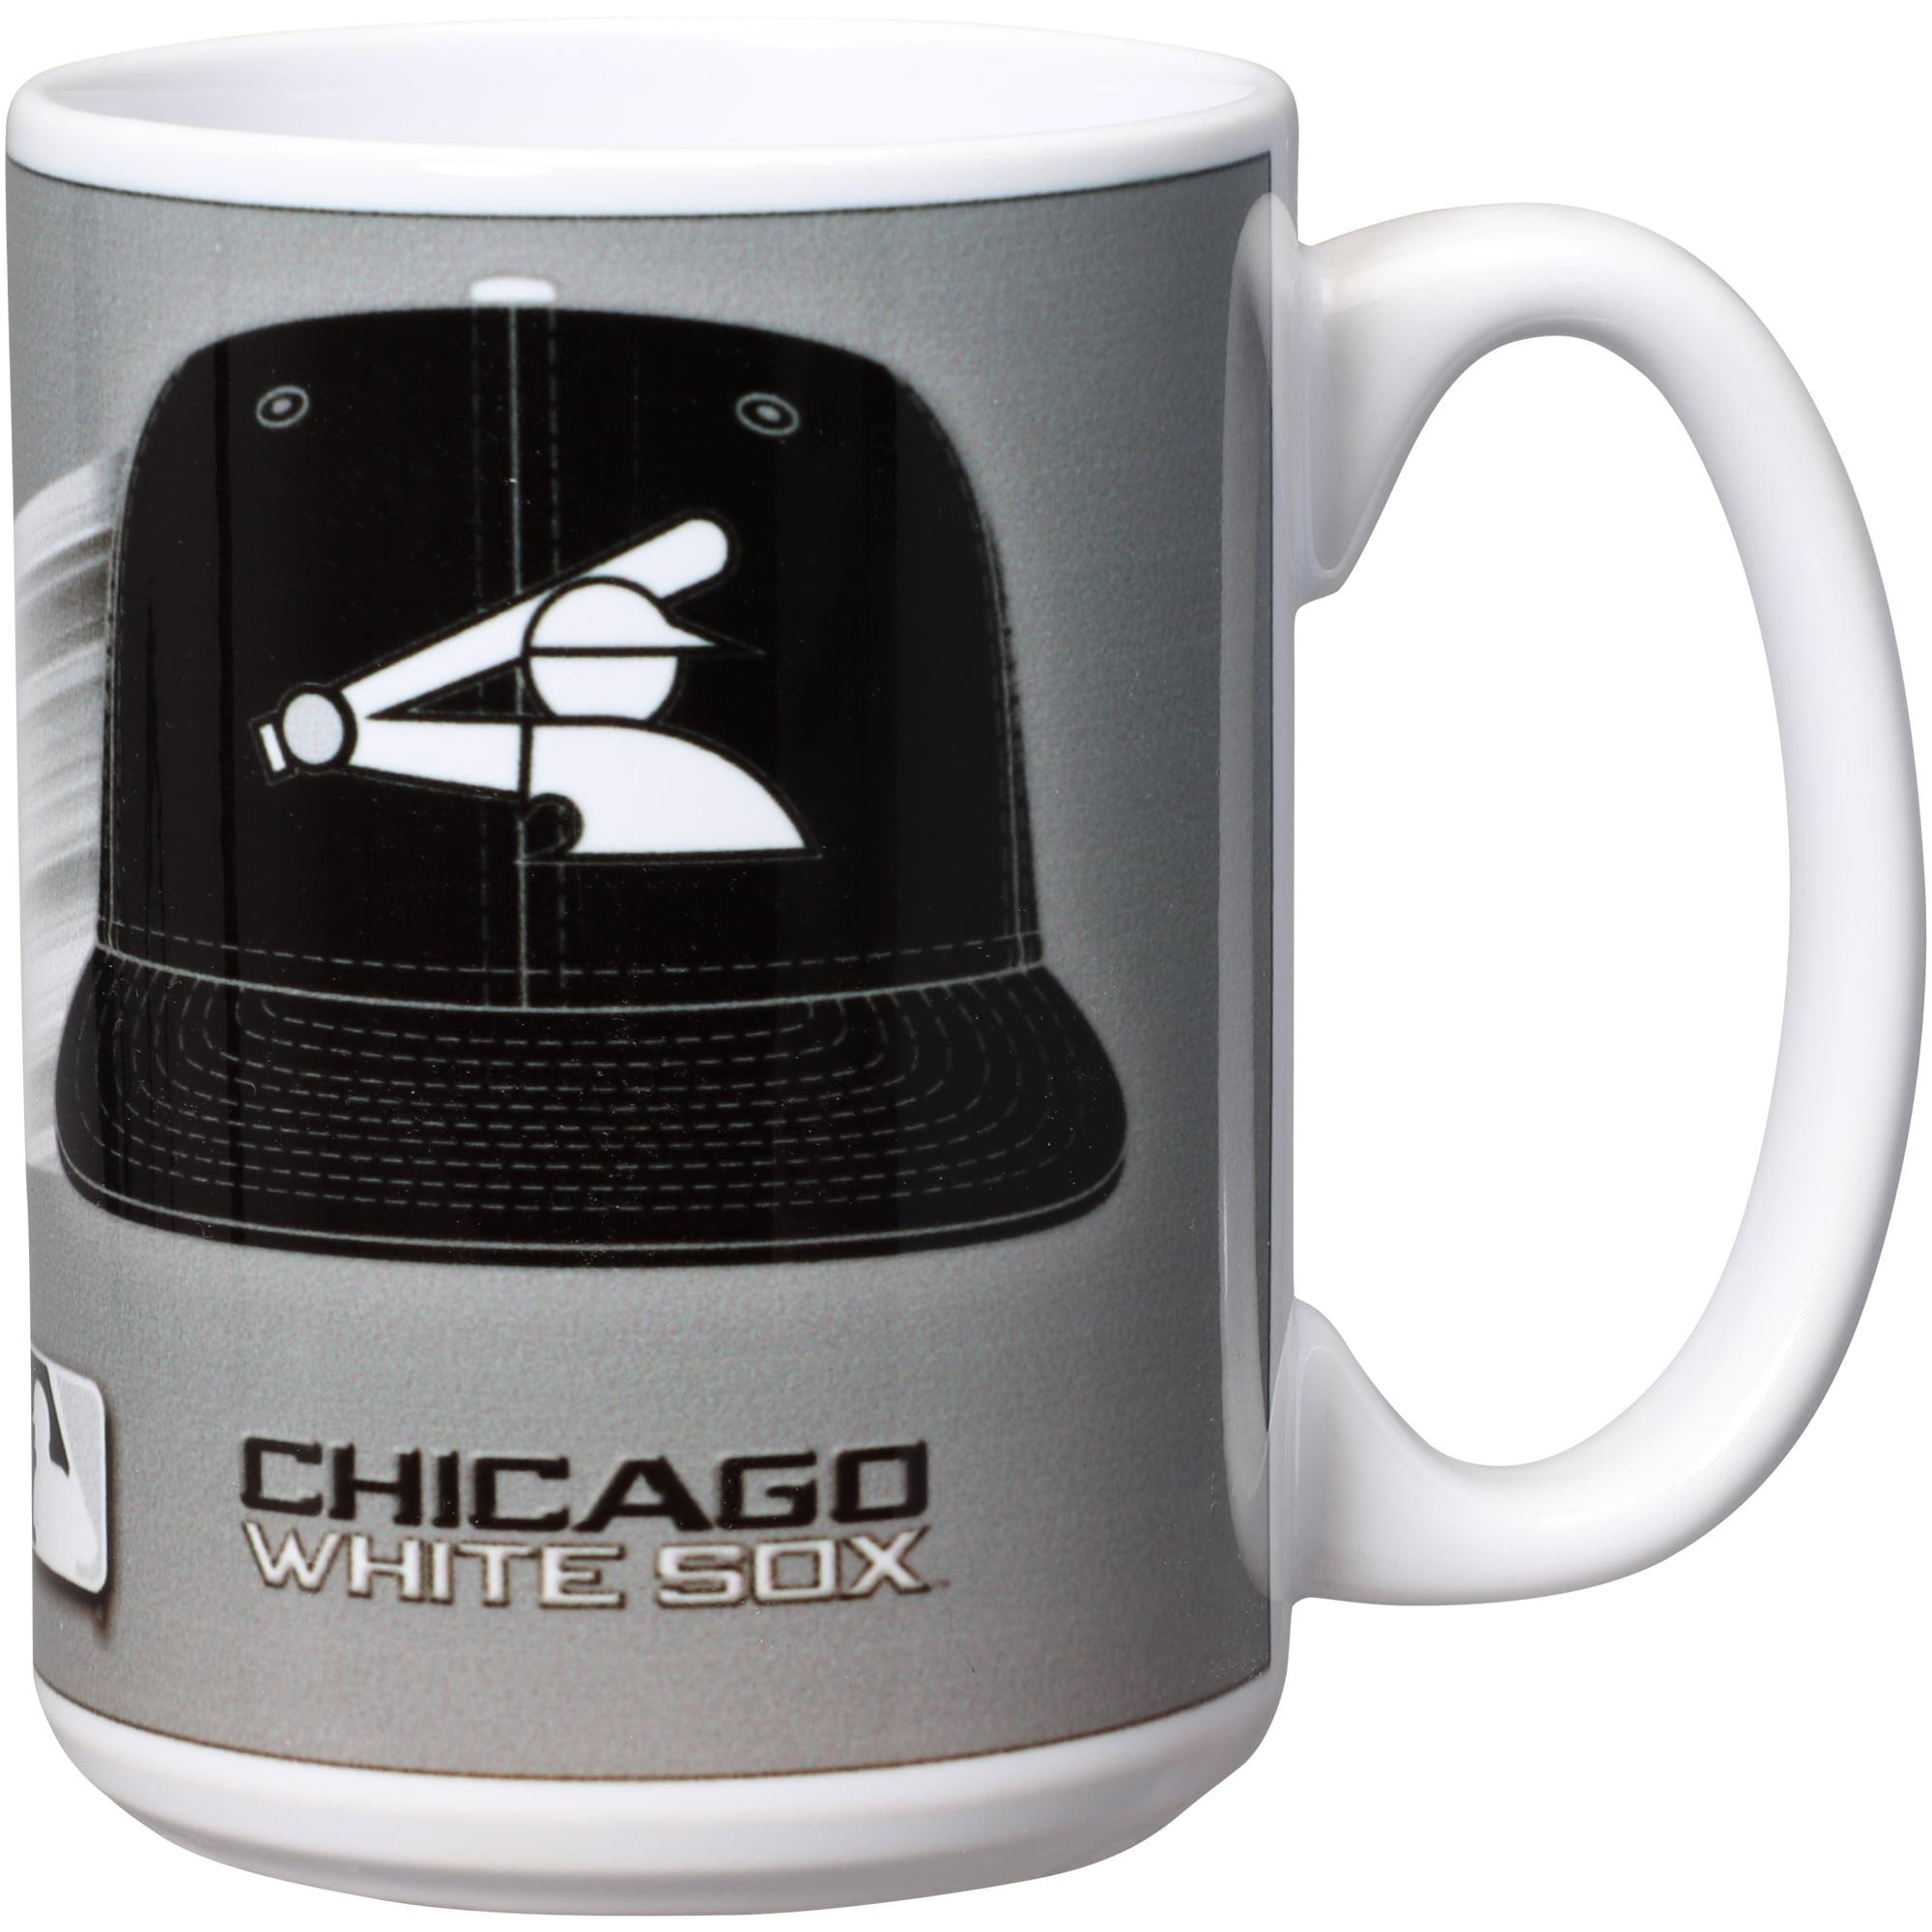 Chicago White Sox 15oz. Team 3D Graphic Mug - No Size